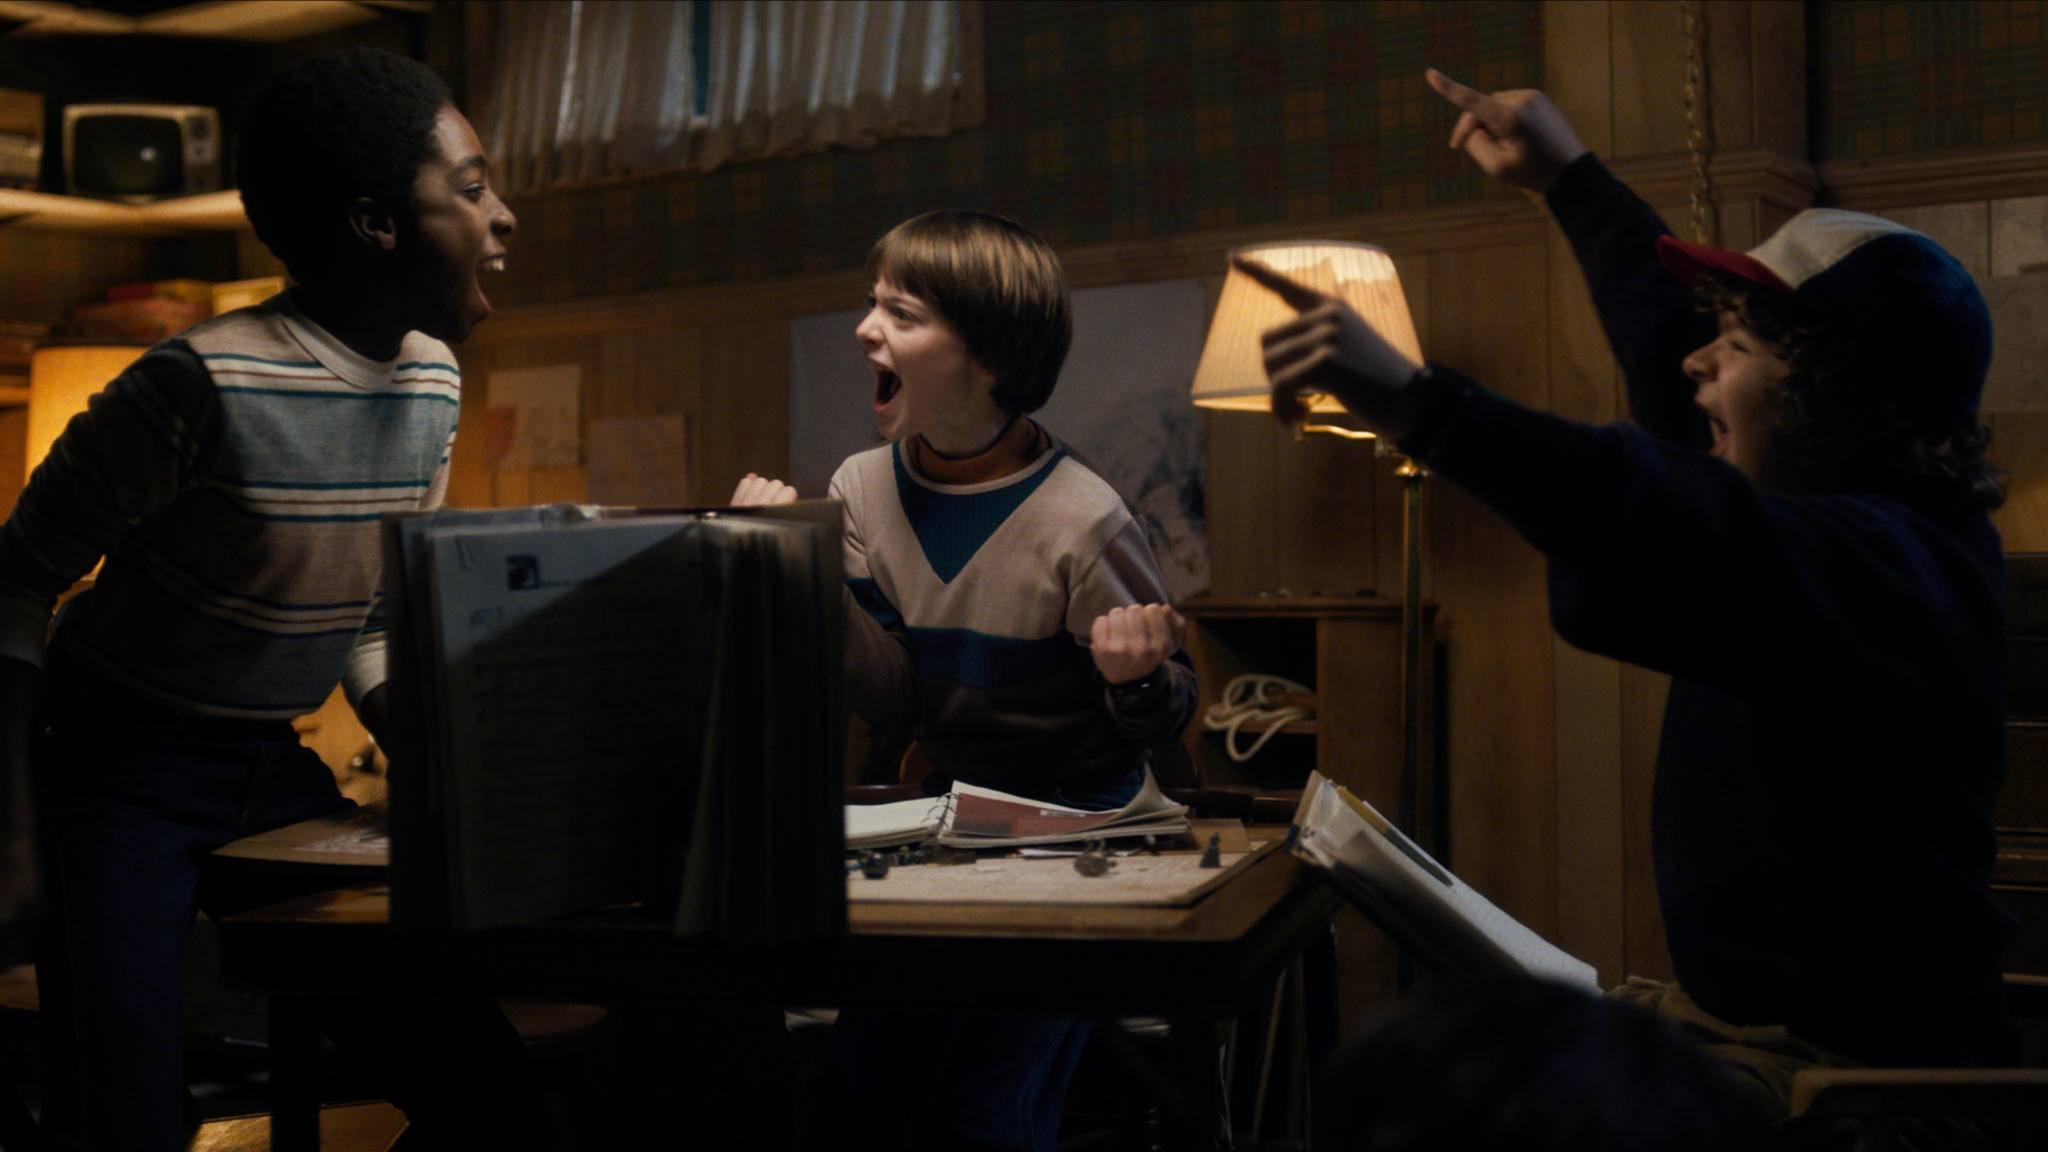 """Yaeh! Staffel 3 von """"Stranger Things"""" ist offiziell bestellt!"""